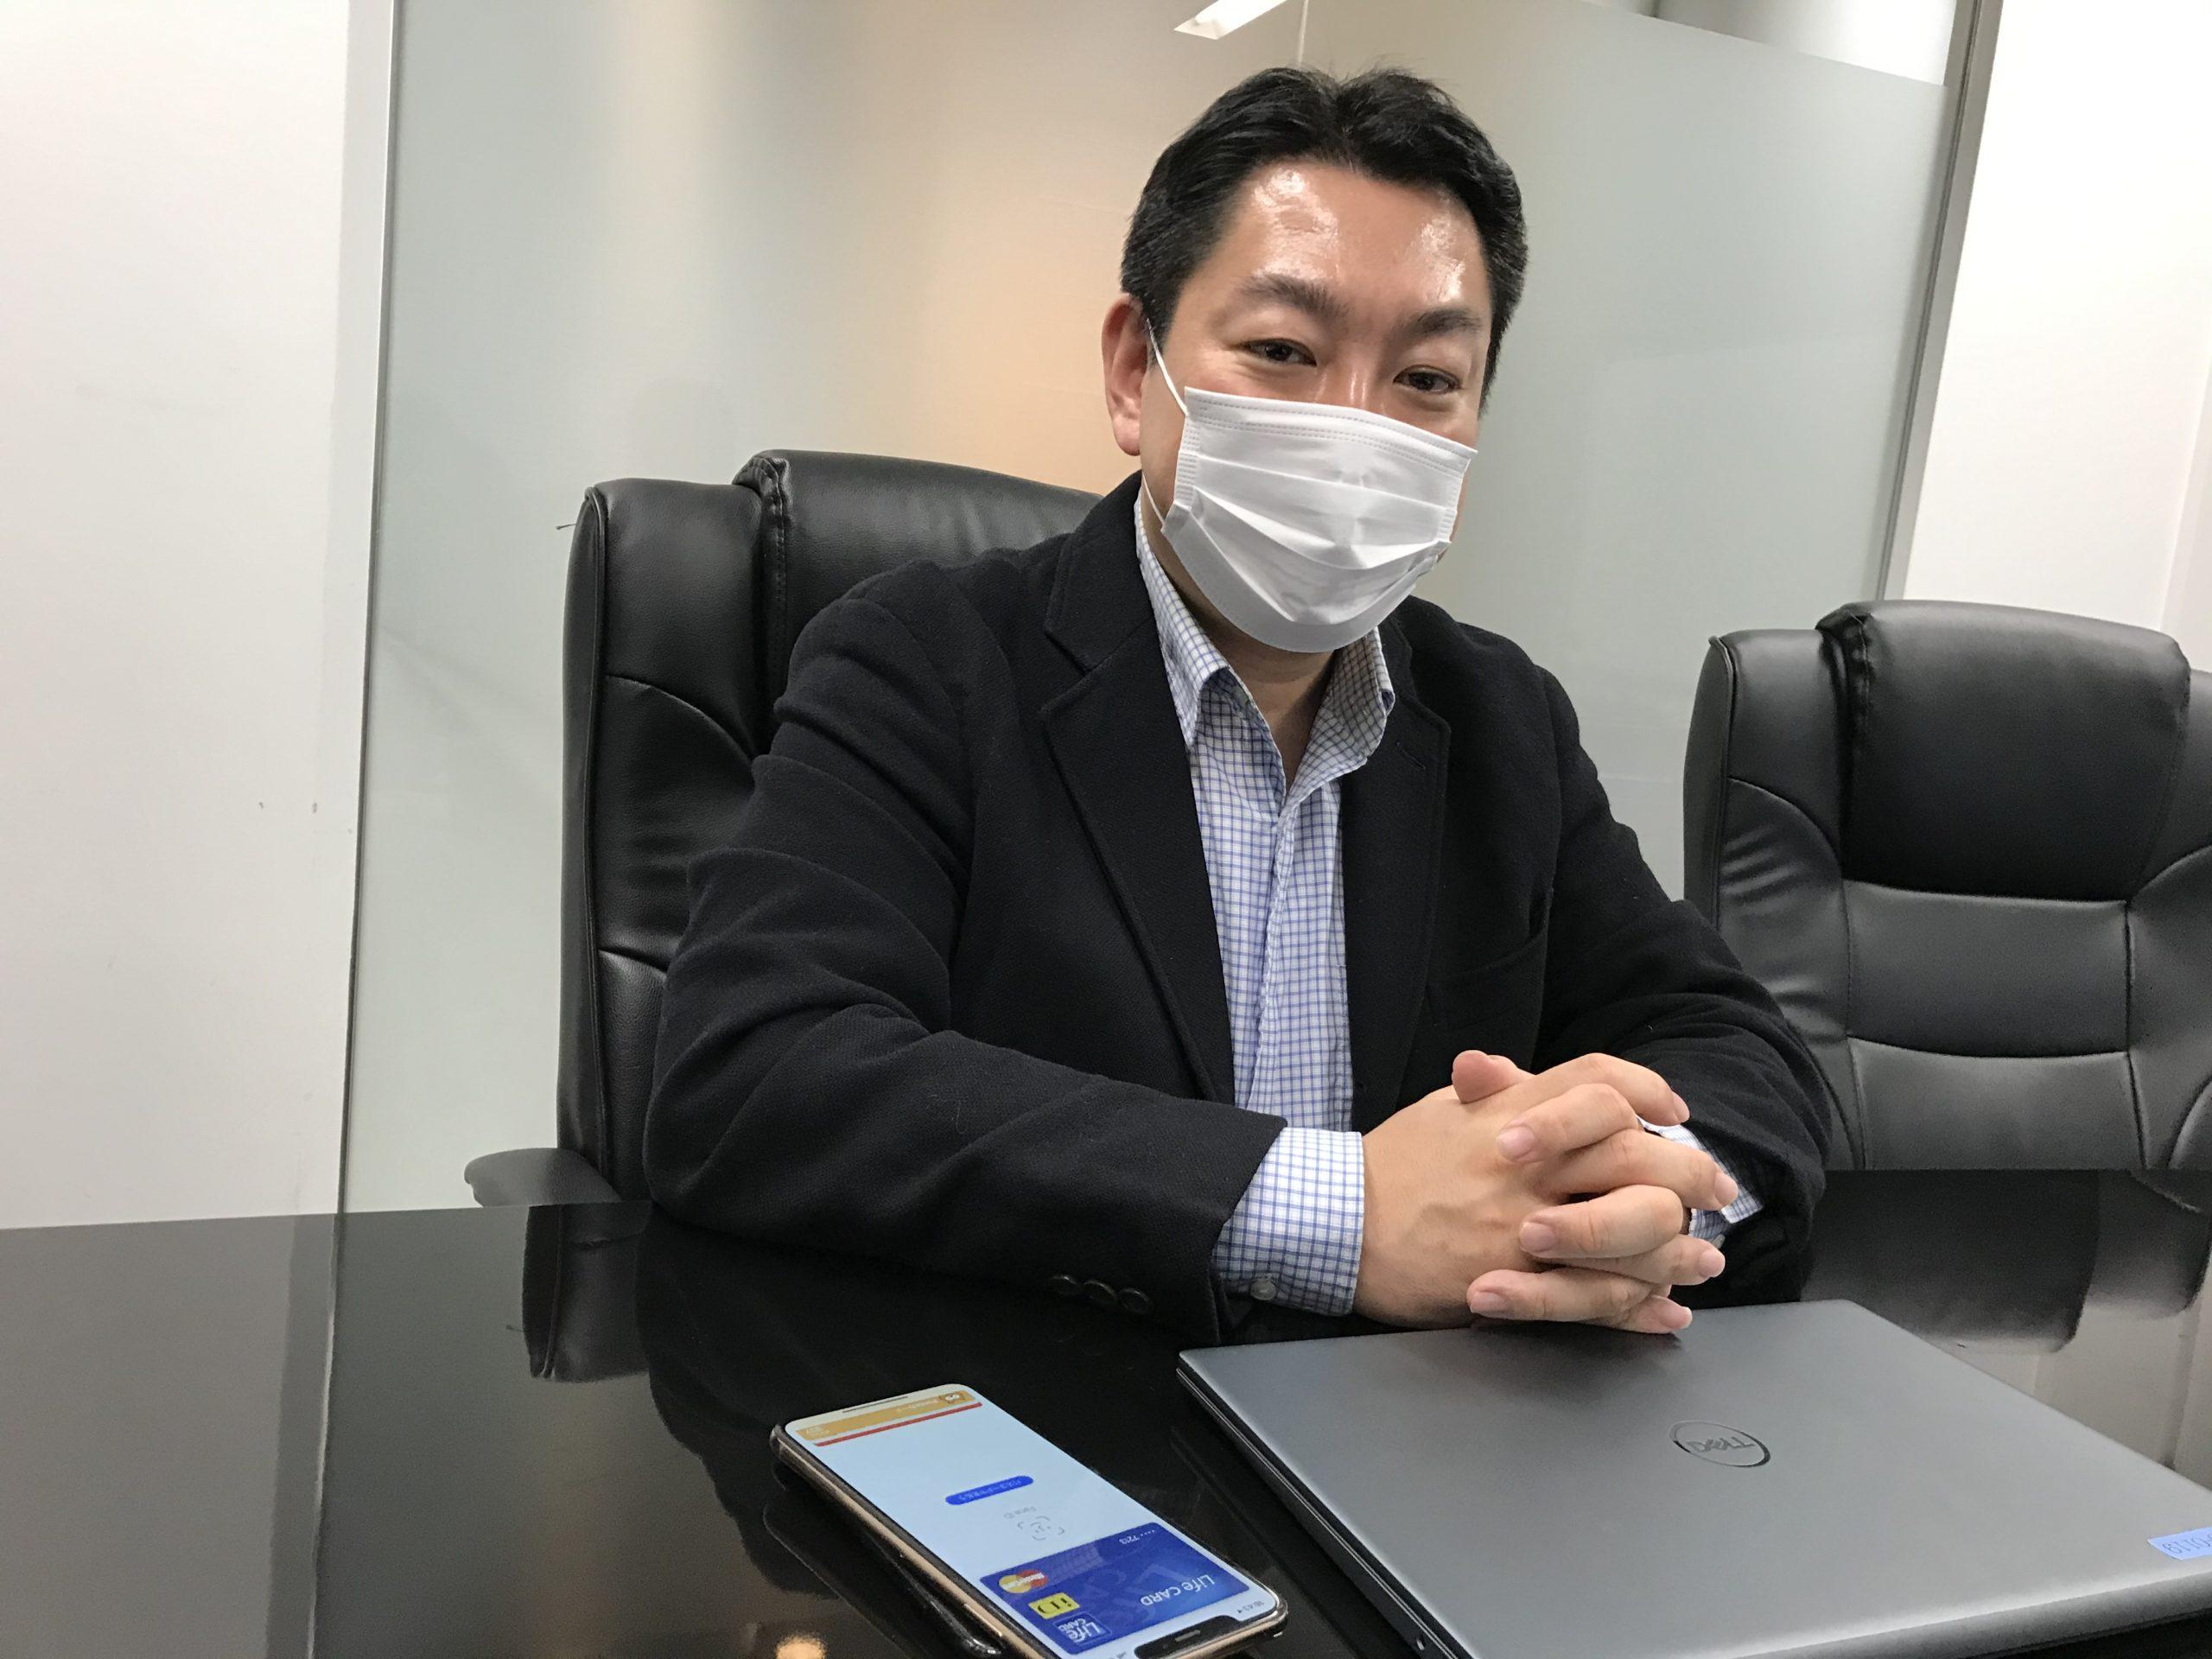 【スタッフ紹介VOL.6】メディア運営チーム部長近藤をご紹介します